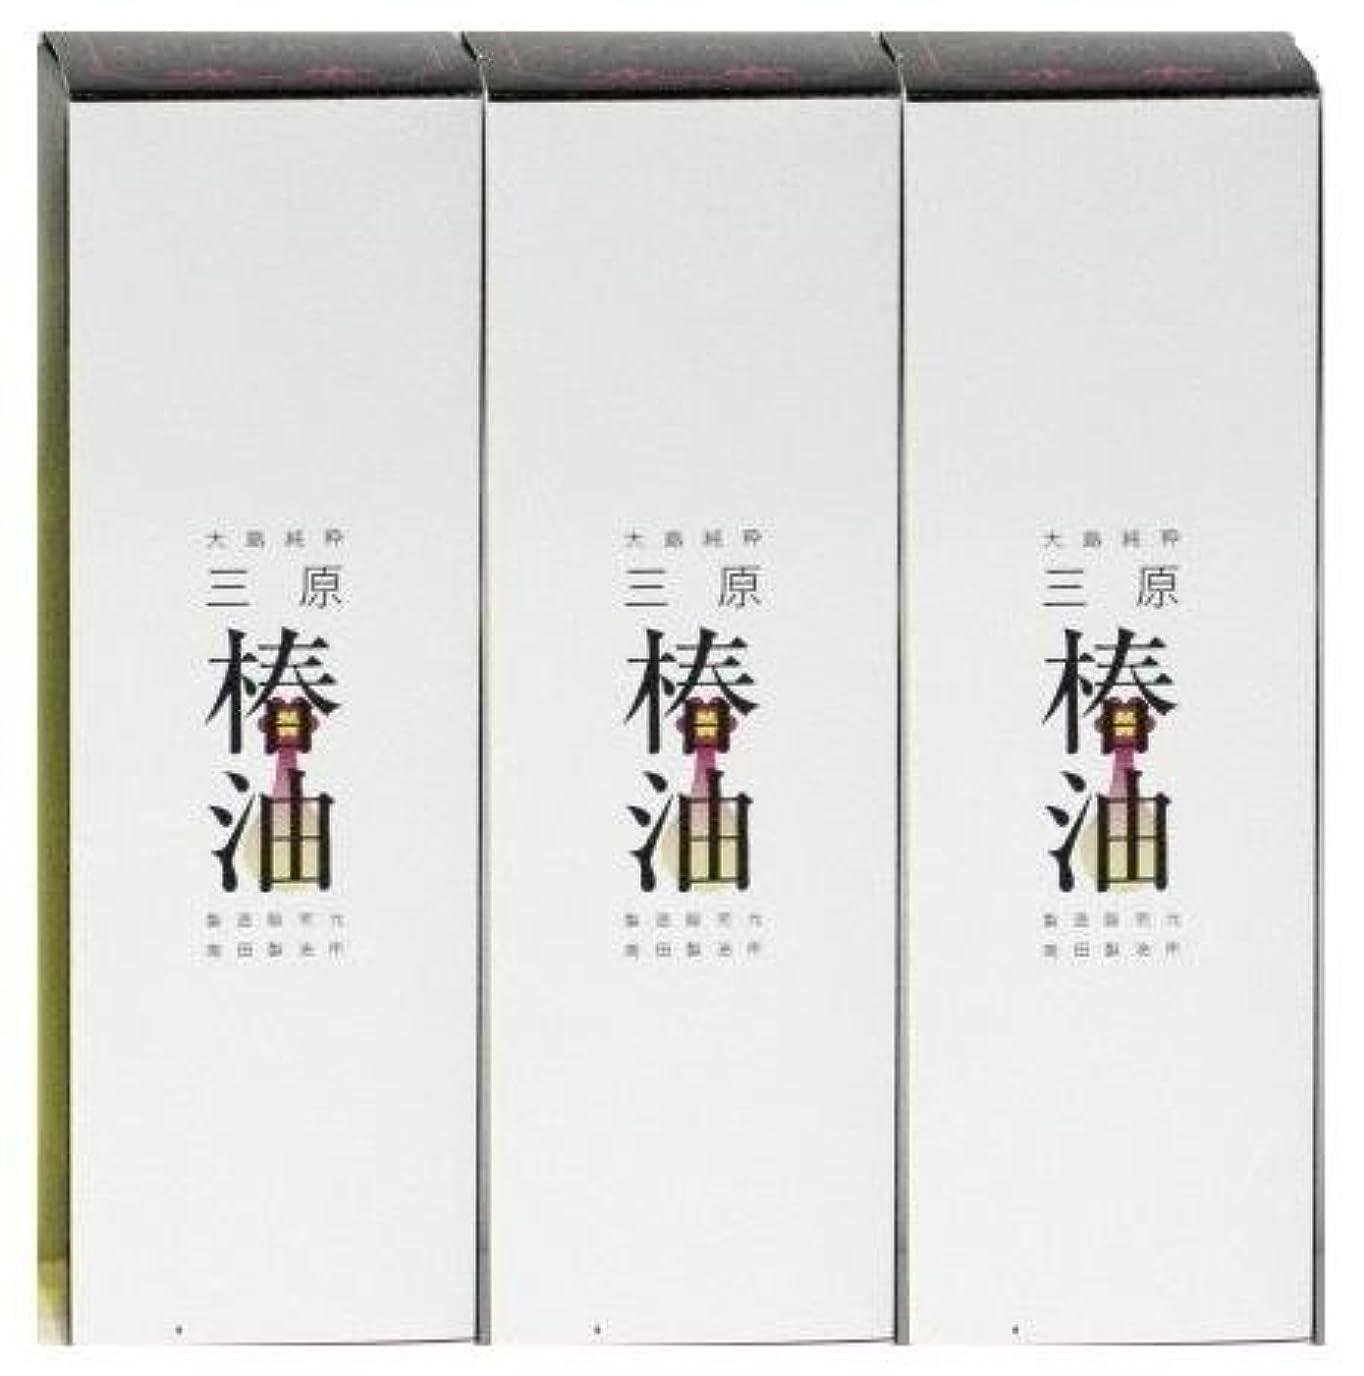 ダニ着飾るキウイ【伊豆大島のヤブ椿100%】大島純粋三原椿油 150mL×3個セット